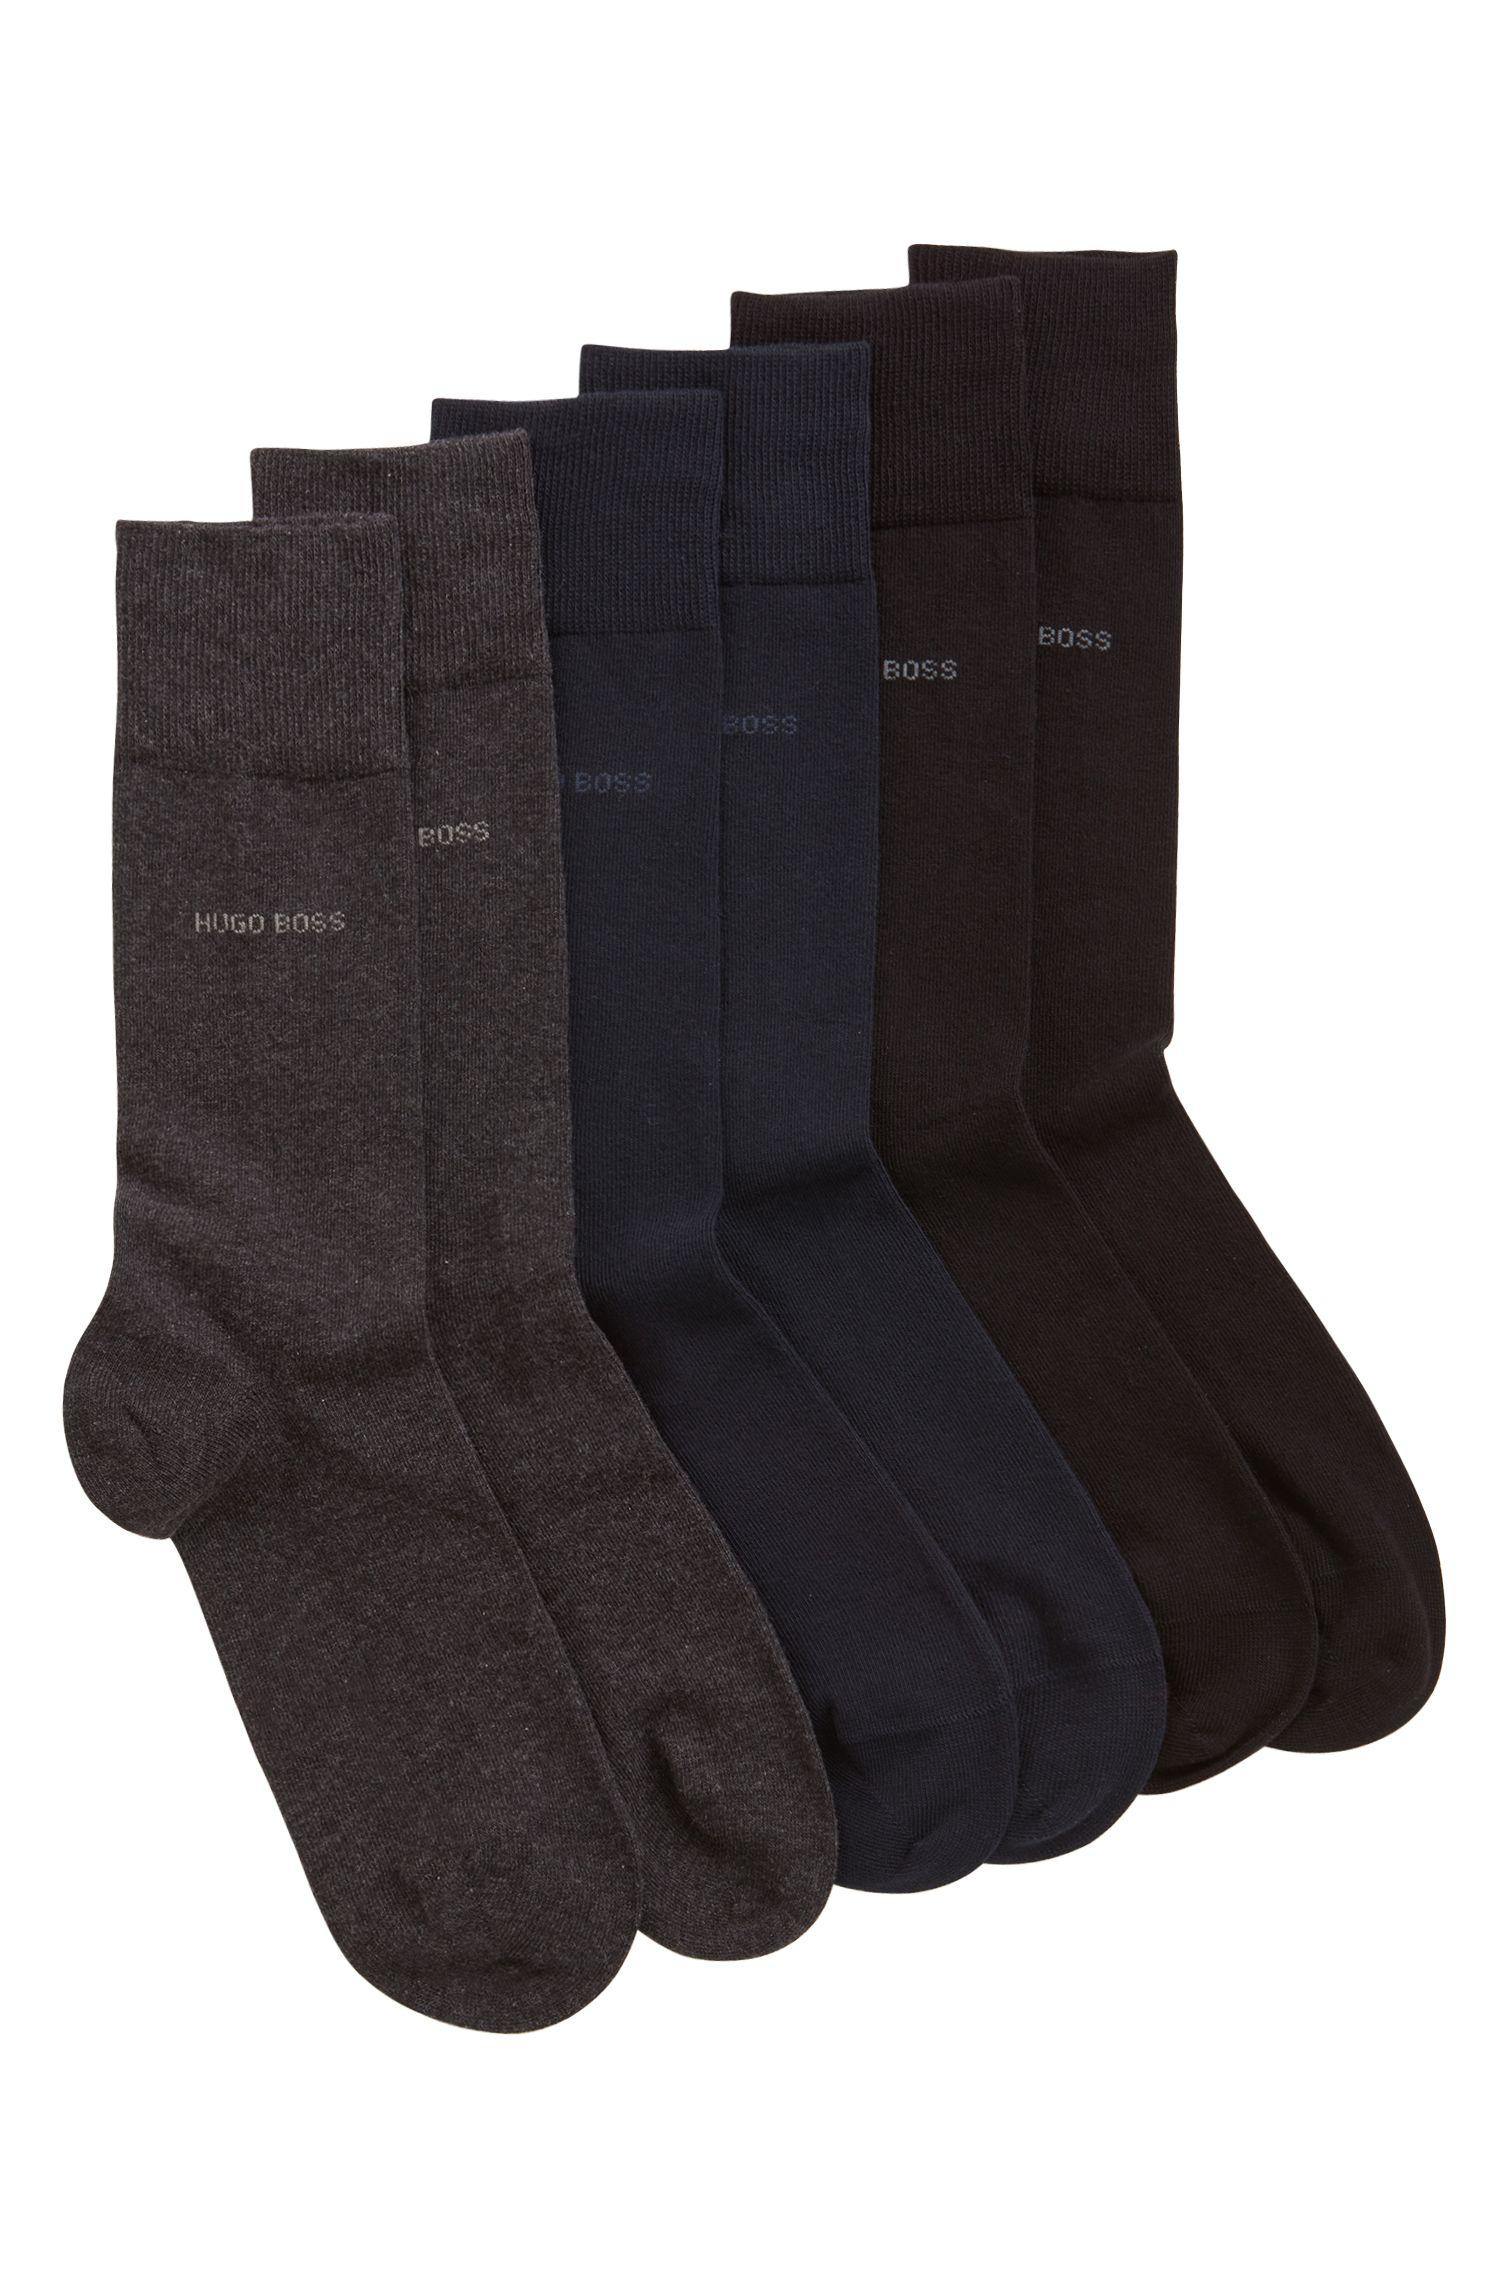 Coffret cadeau contenant trois paires de chaussettes mi-mollet unies, Fantaisie